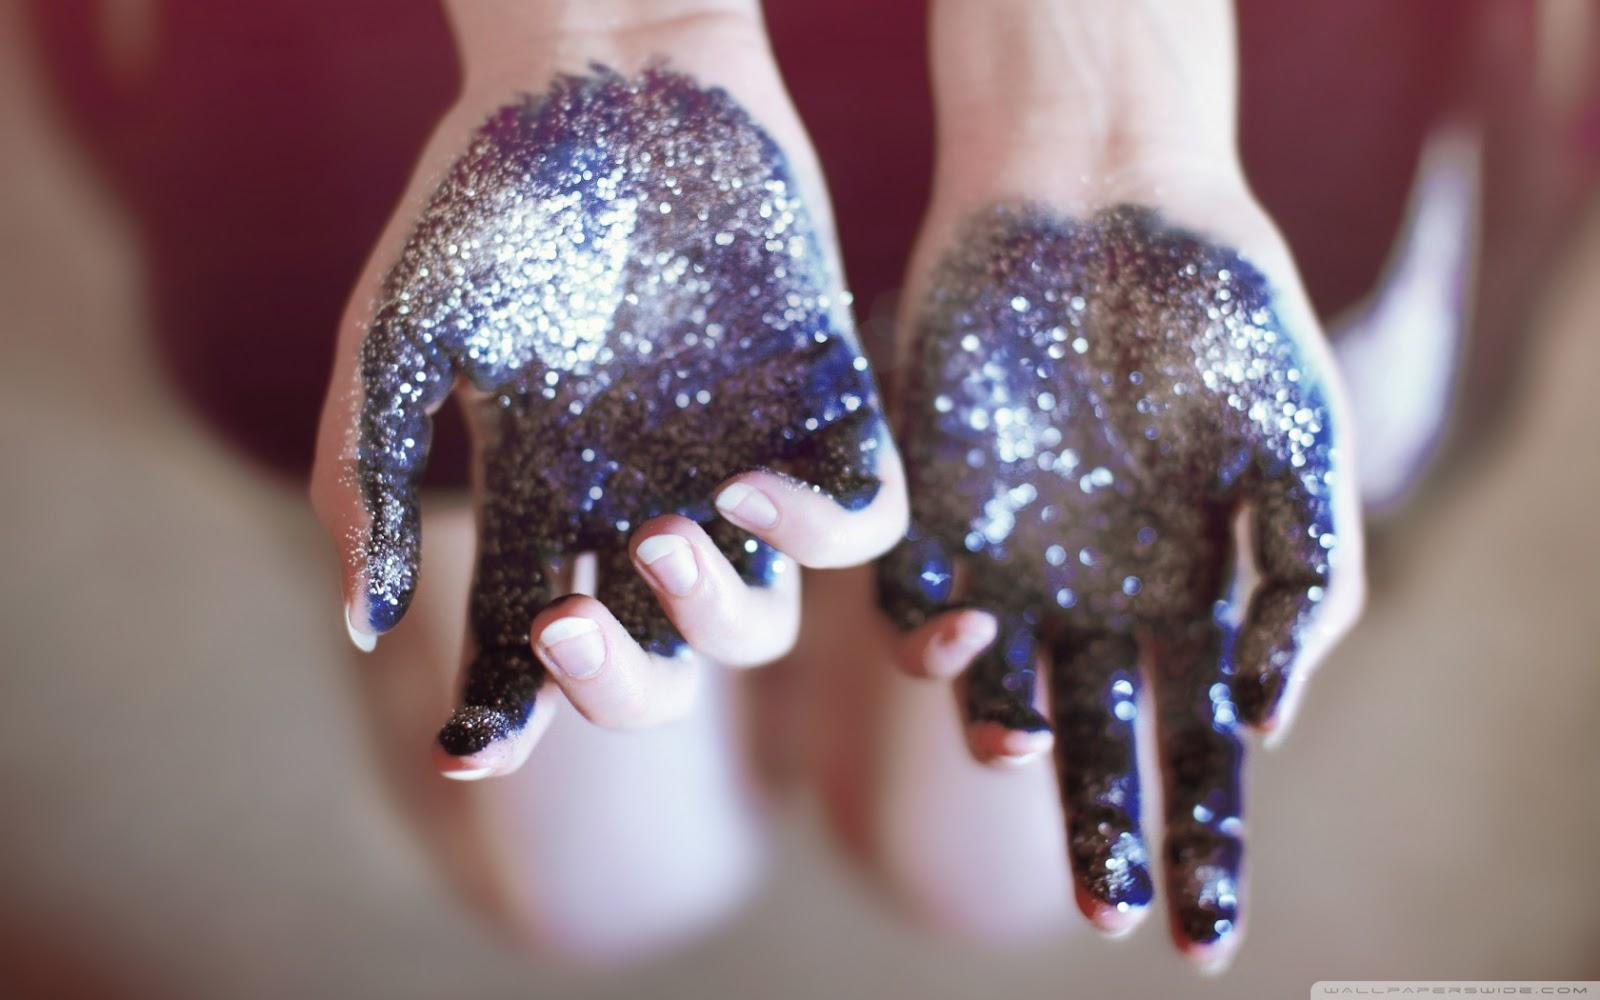 arquivos de rafaela, mãos com glitter, mãos tumblr